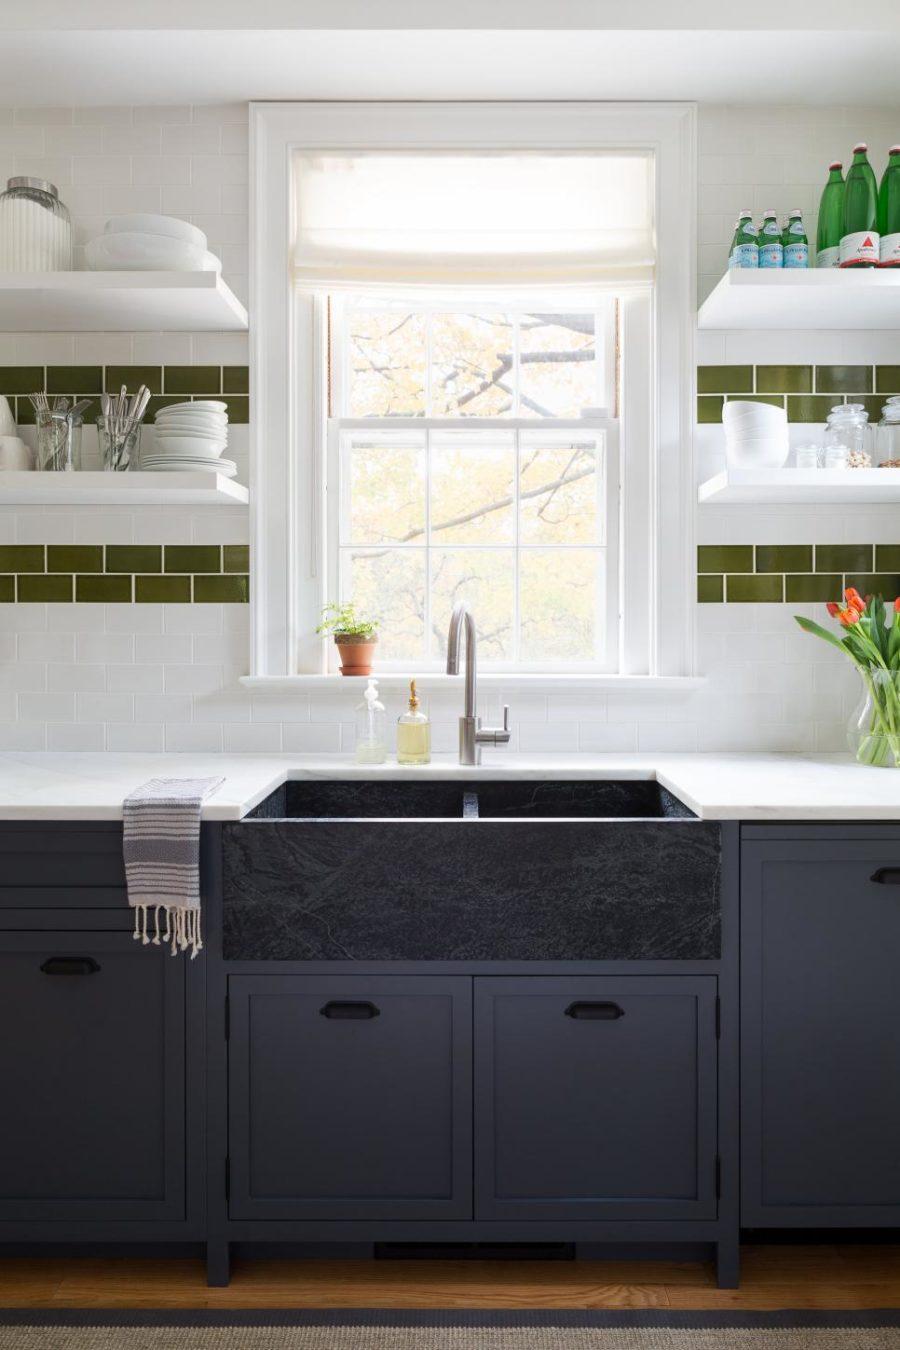 Оригинальный дизайн раковин для кухни - синий цвет в интерьере